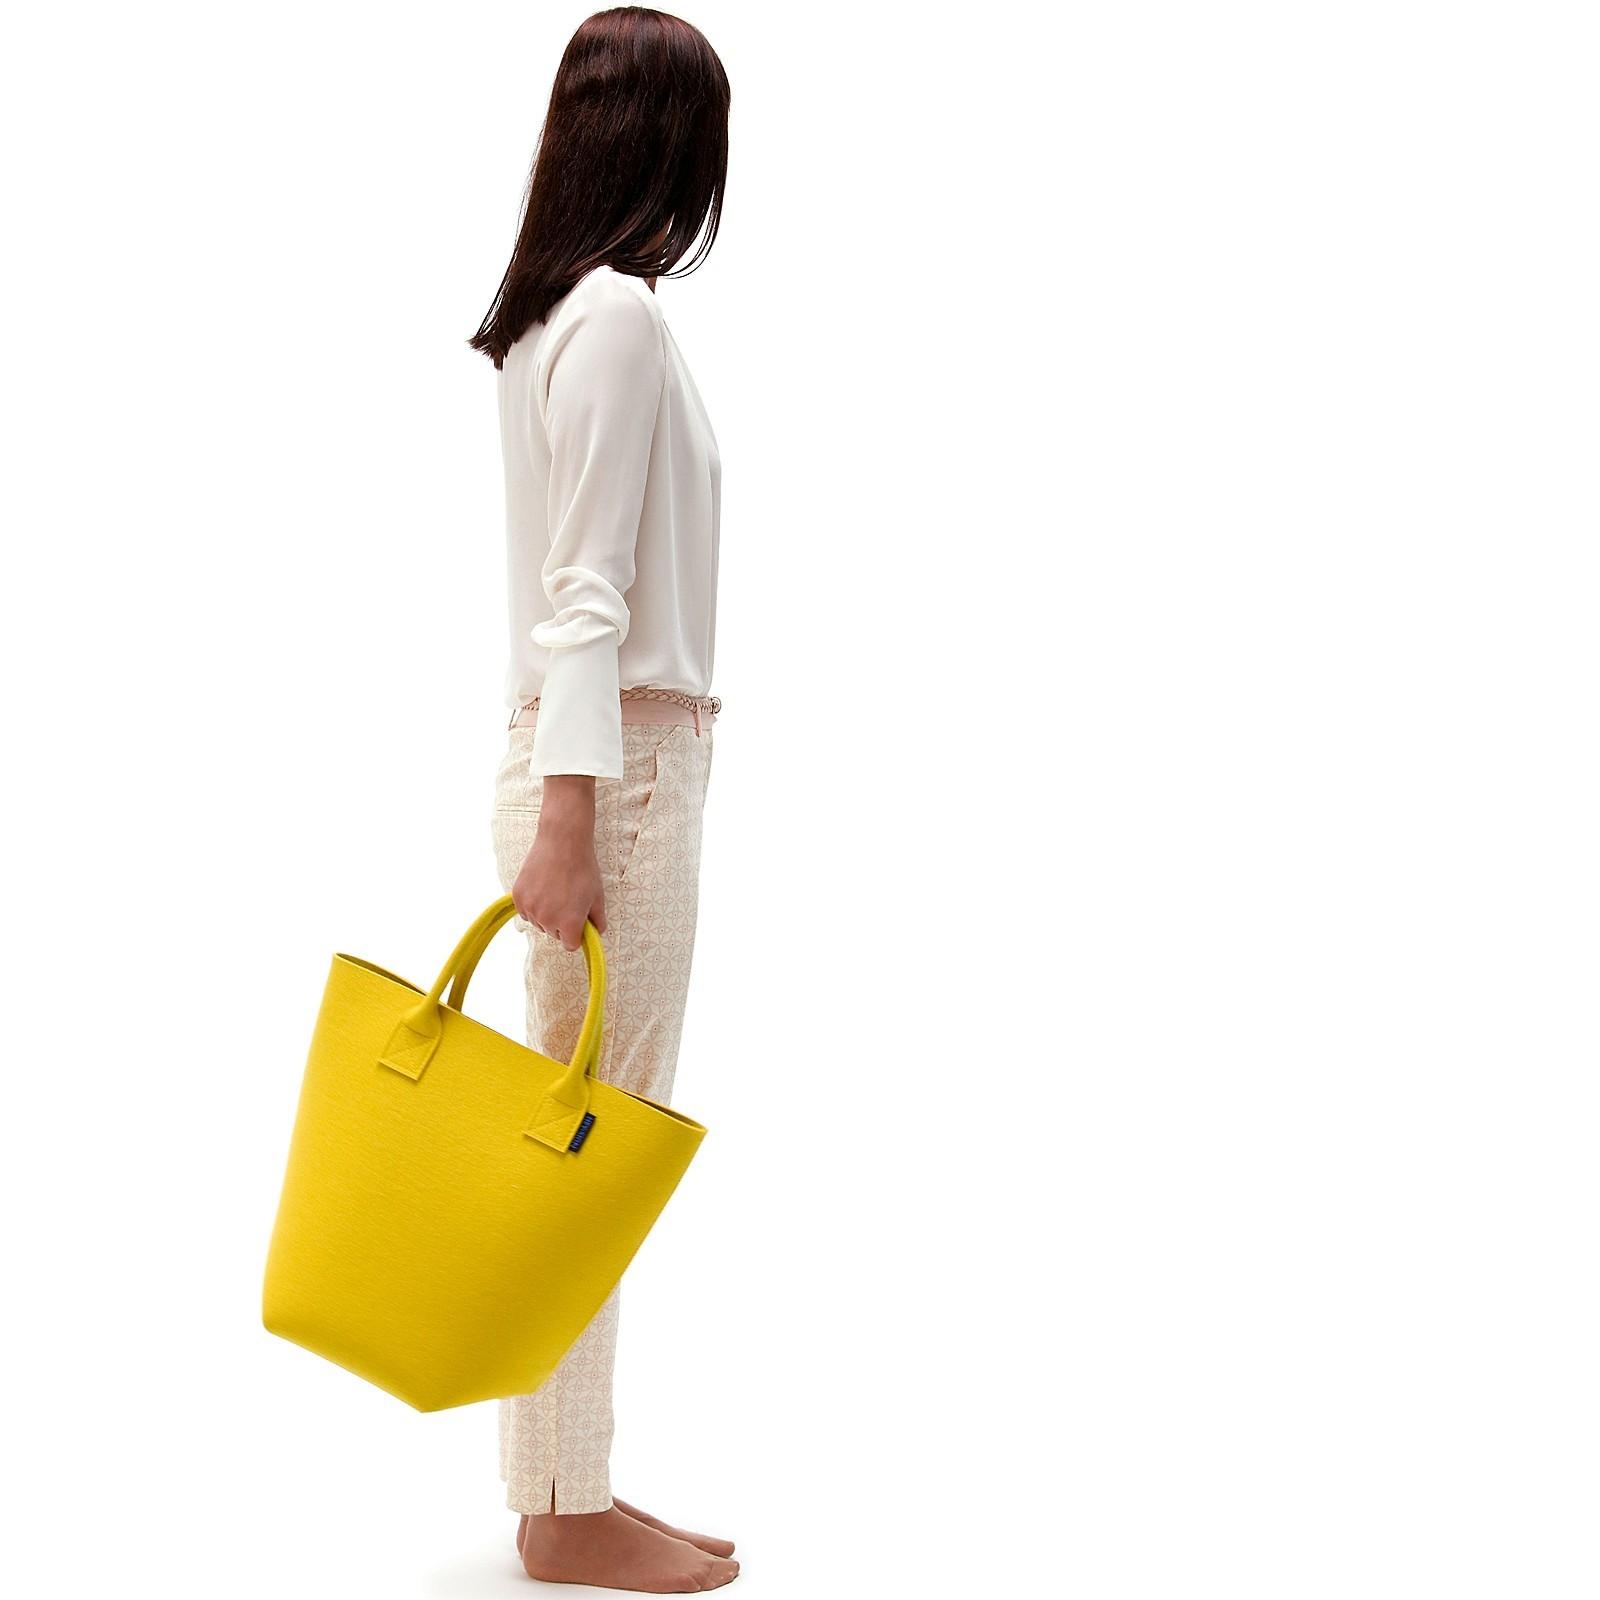 einkaufstasche filz carry offene tasche mit tragegriffen verschiedene farben hey sign. Black Bedroom Furniture Sets. Home Design Ideas